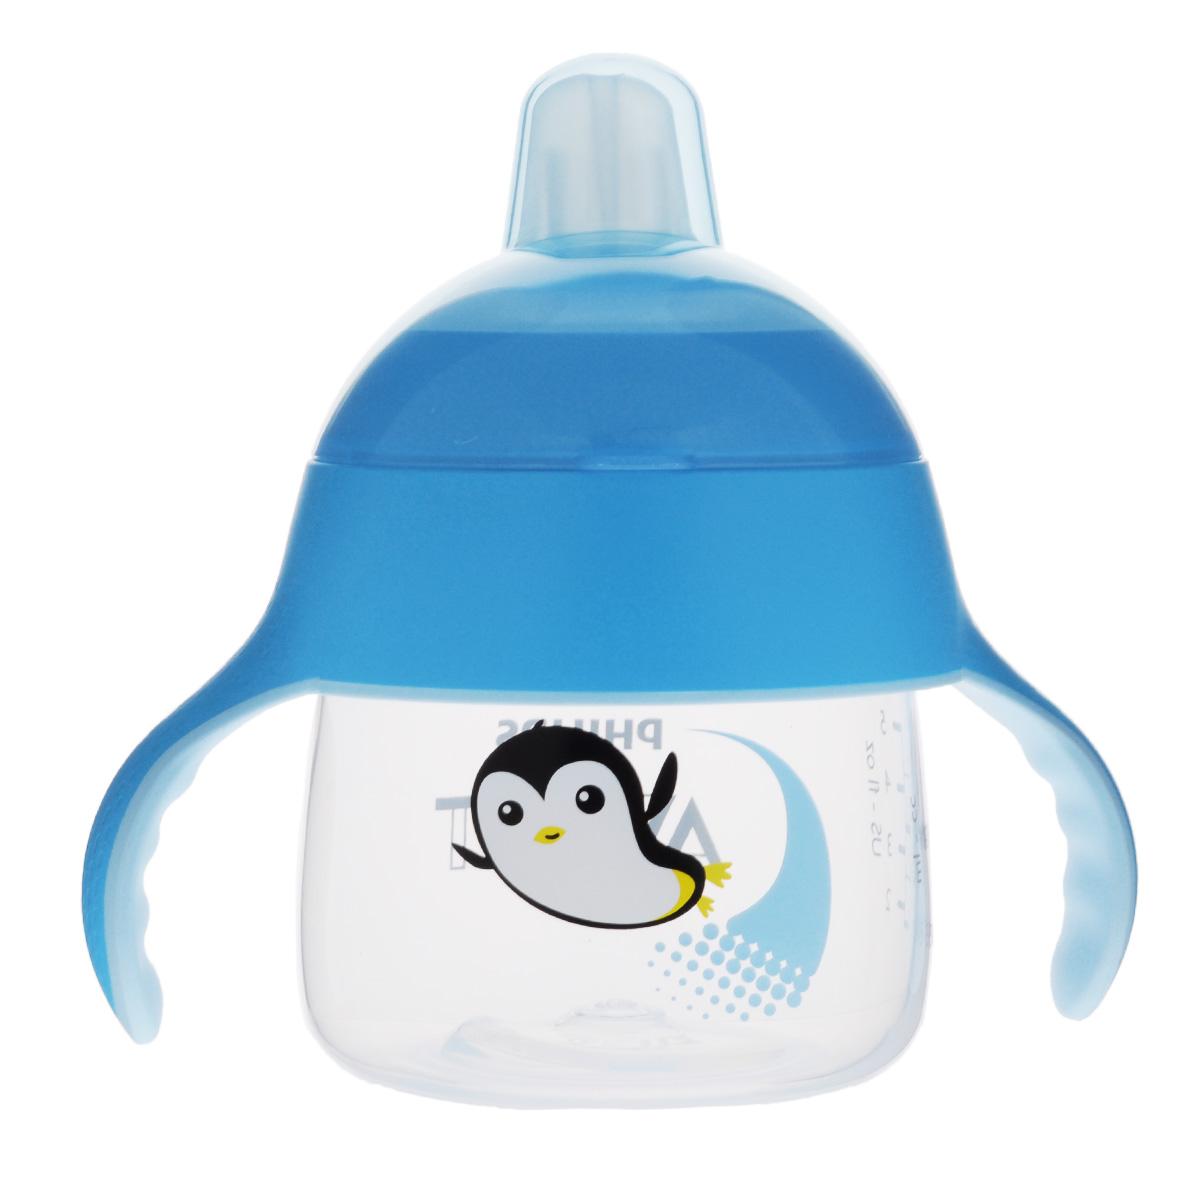 Philips Avent Волшебная чашка-непроливайка от 6 месяцев цвет: голубой, 200 мл SCF751/00SCF751/00Чашка-поильник Avent, изготовленная из прочного полипропилена, разработана специально для детей от шести месяцев для легкого перехода от грудного кормления к бутылочке и от бутылочки к самостоятельному питью. Поильник имеет мягкий силиконовый носик со специальным отверстием, который не протекает, даже если малыш перевернет бутылочку, и плотный прозрачный колпачок, обеспечивающий гигиеничность. Мерная шкала на корпусе чашки позволяет точно определить количество жидкости в поильнике. Благодаря эргономичному дизайну и мягким нескользящим ручкам крохе будет удобно держать поильник. Широкое горлышко позволит легко наполнить и очистить бутылочку.